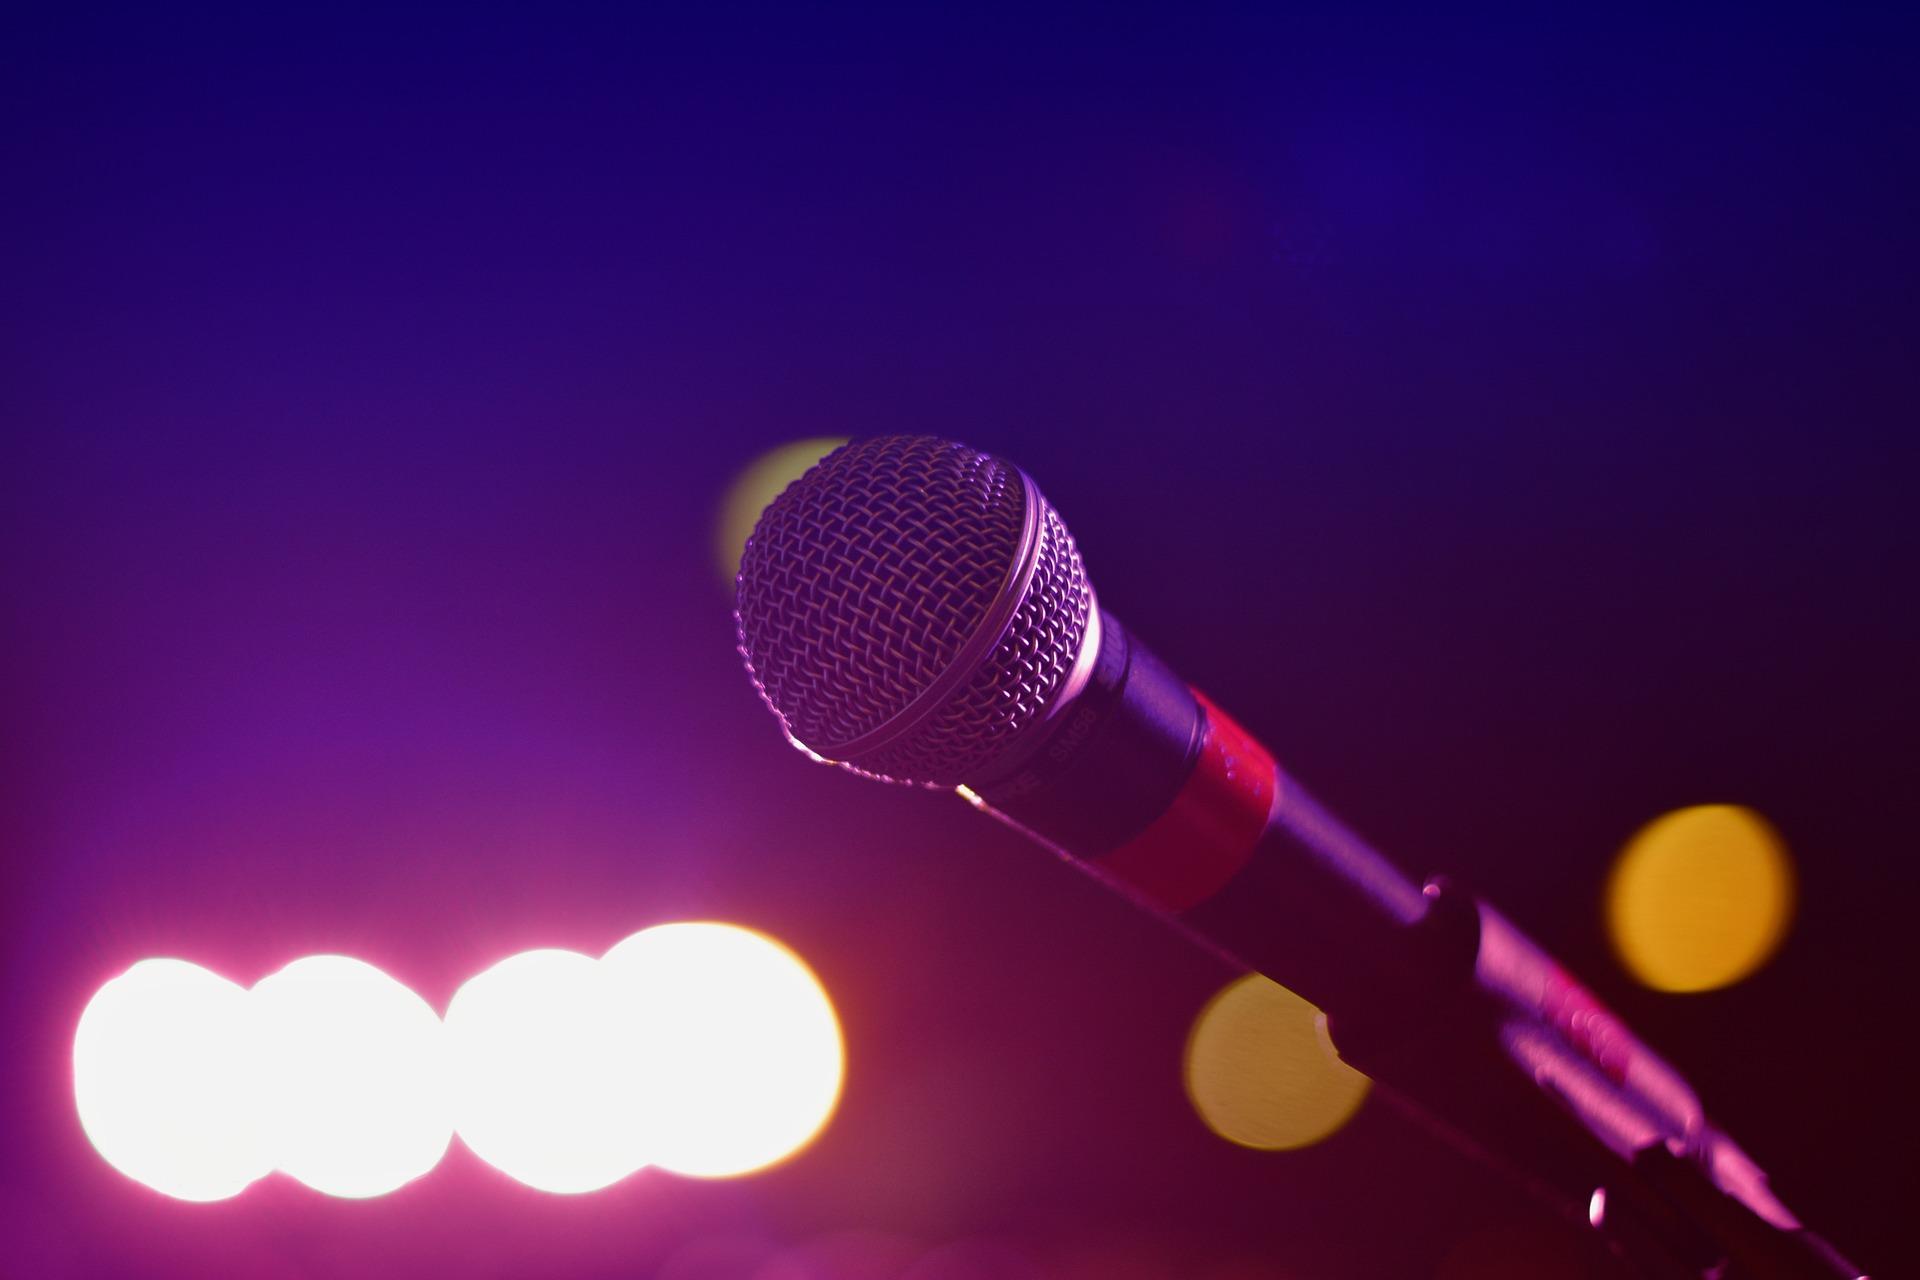 Trwa przyjmowanie zgłoszeń do 16. Festiwalu Zaczarowanej Piosenki